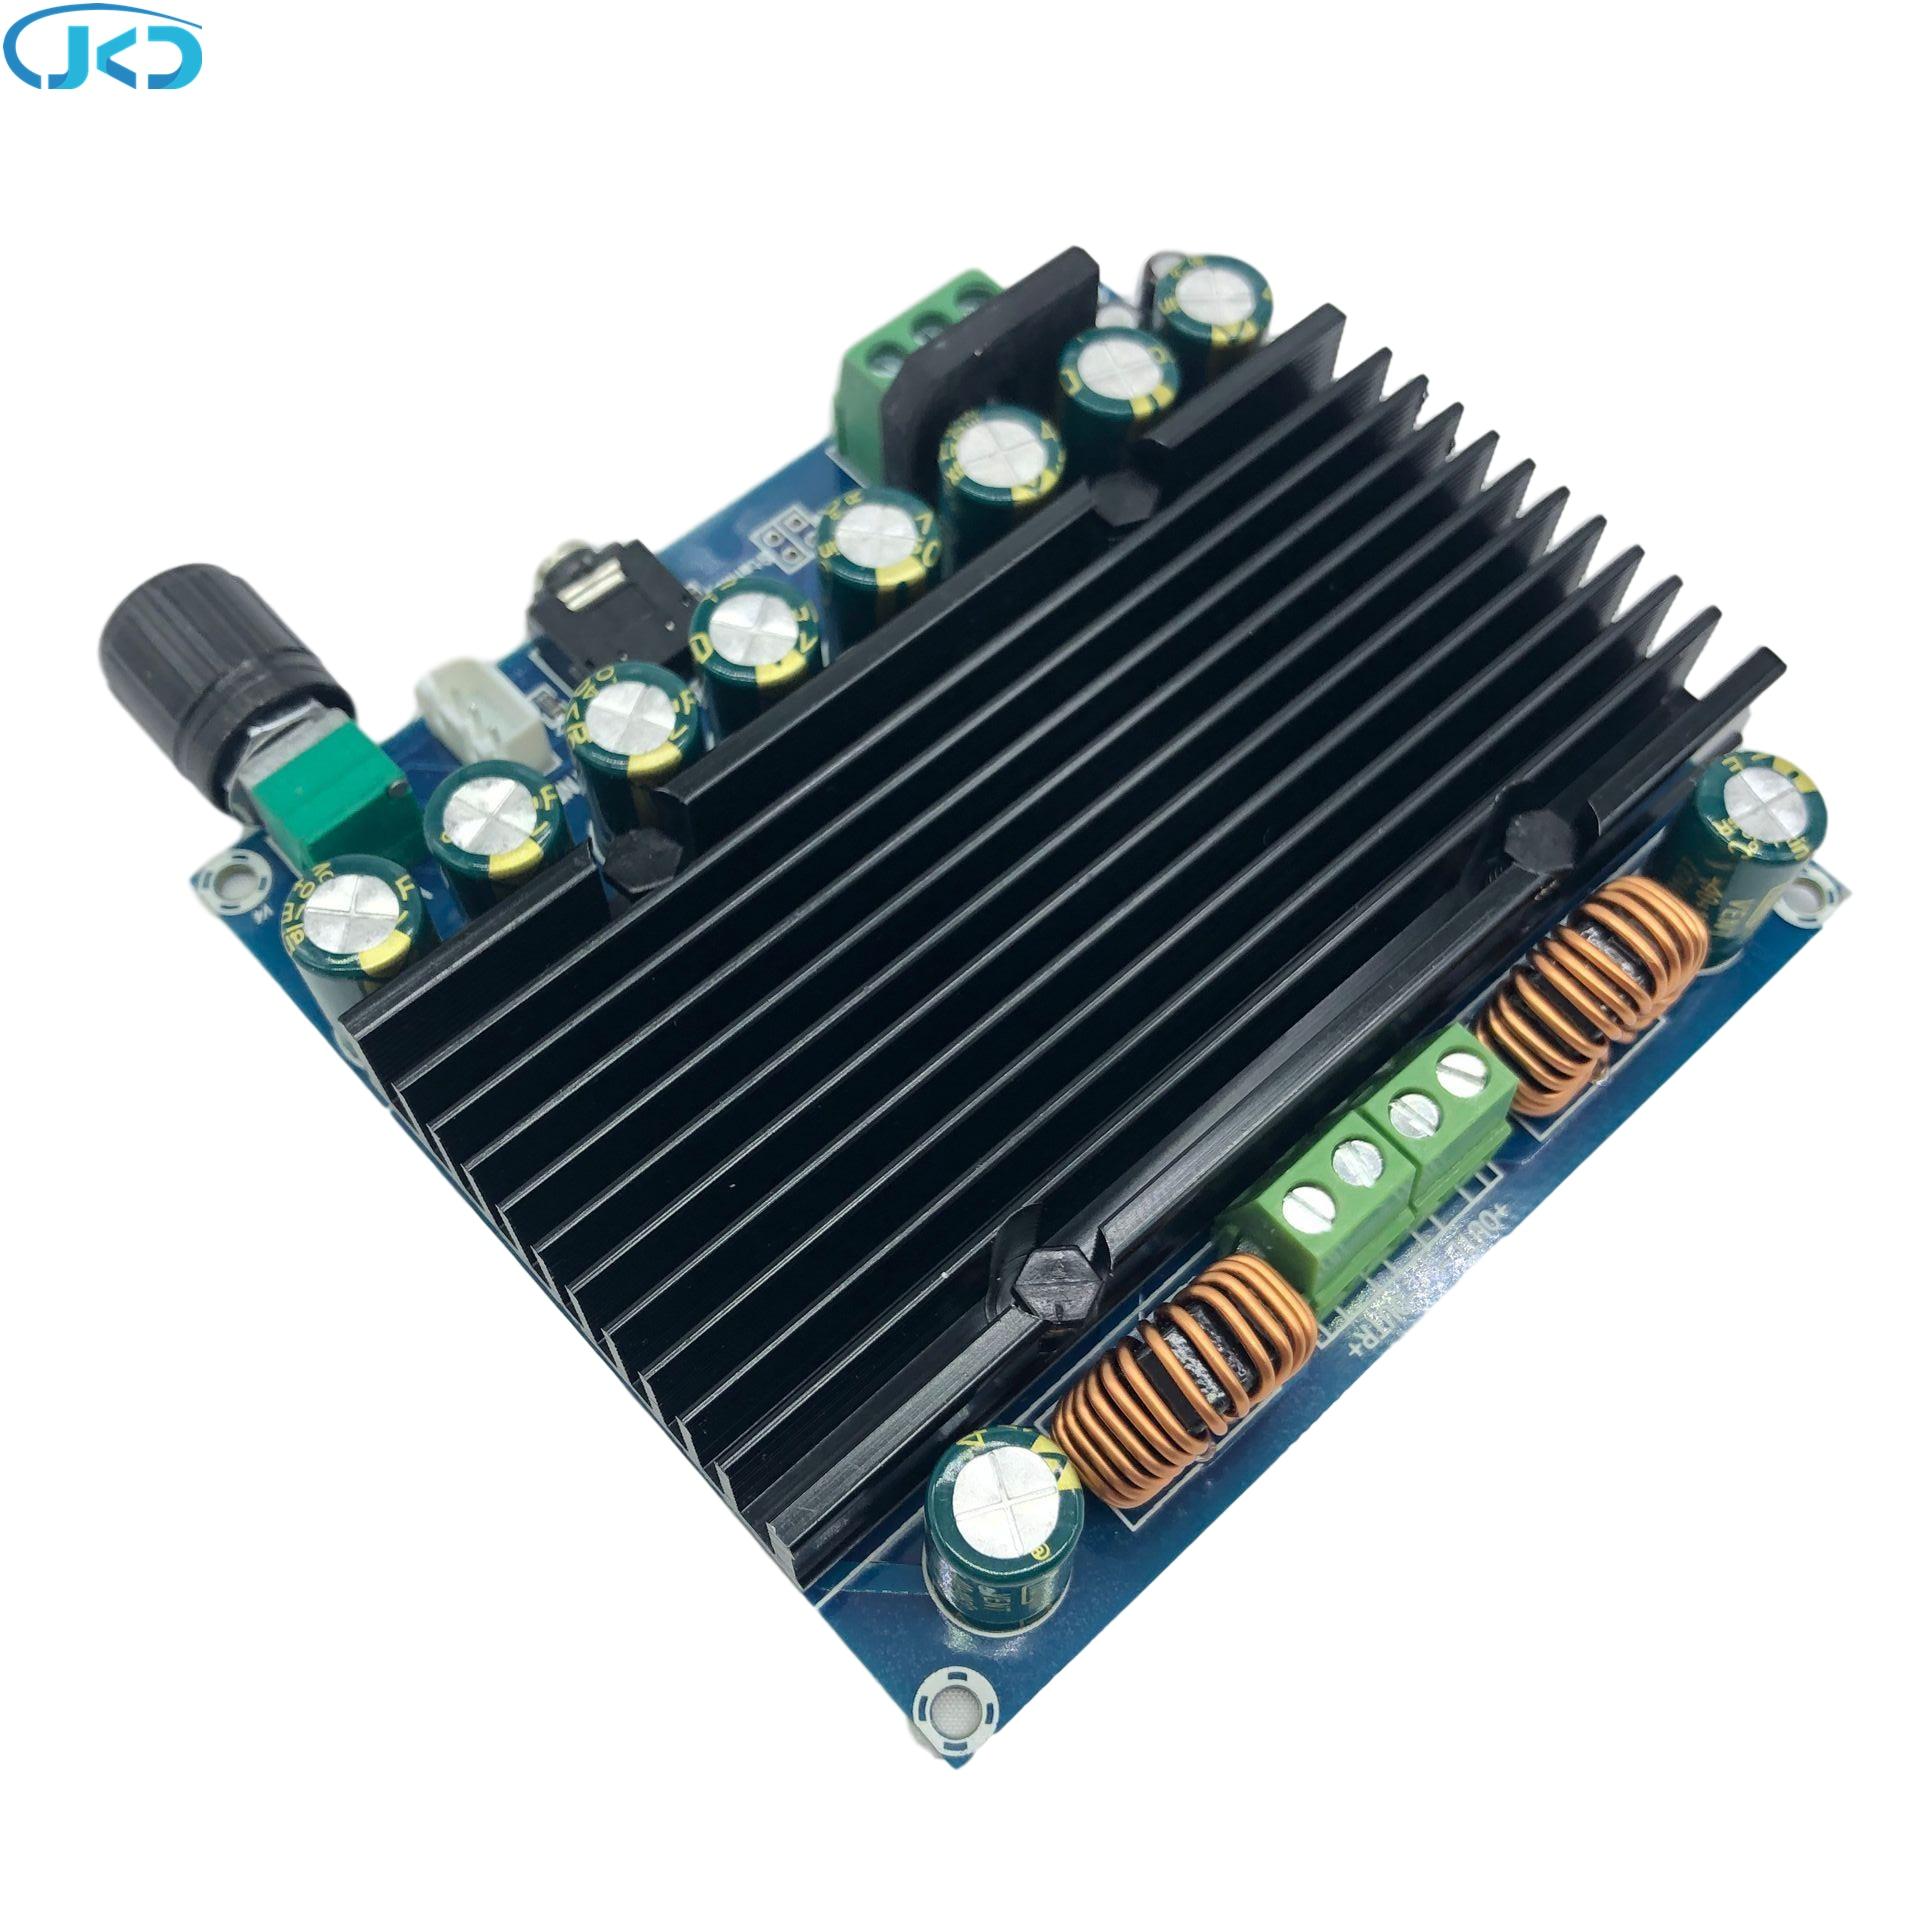 1pcs XH-M251 digital power amplifier board TDA8954 core dual 12-28V power supply 210W+210W ultra-high power audio amplifier boar